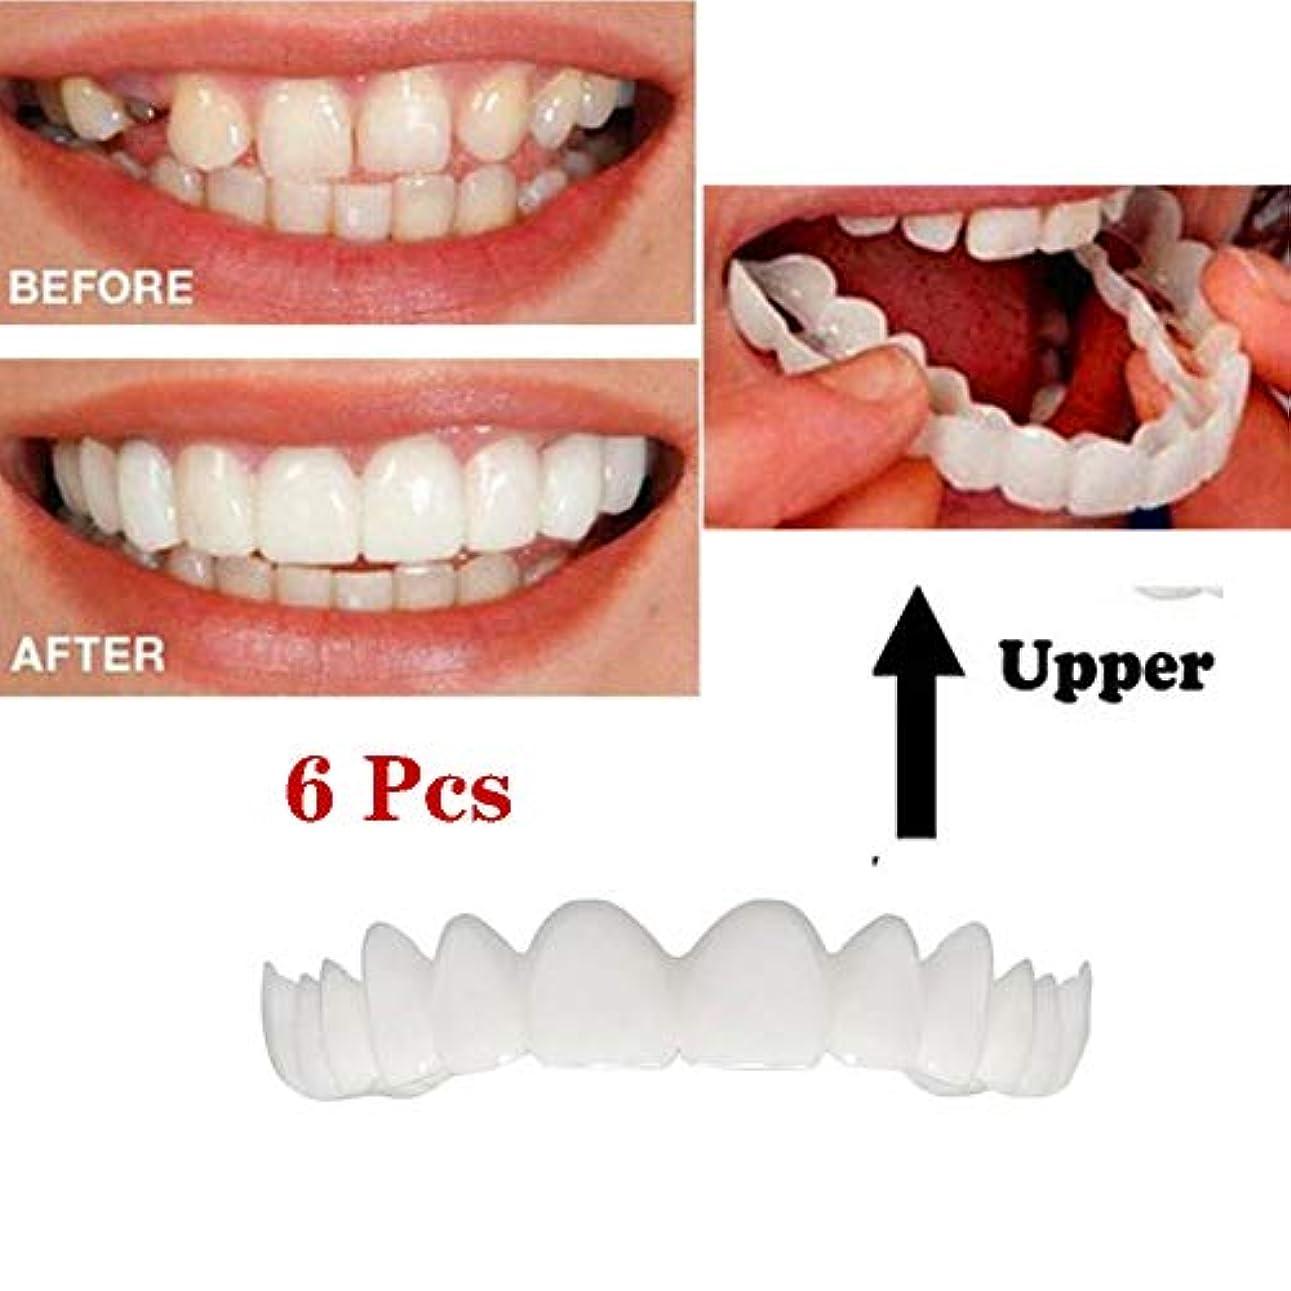 クリックマイクロやさしい義歯口腔ケア歯ホワイトニング義歯口腔ケアアッパーブレース一時的な化粧品歯義歯 - 6本